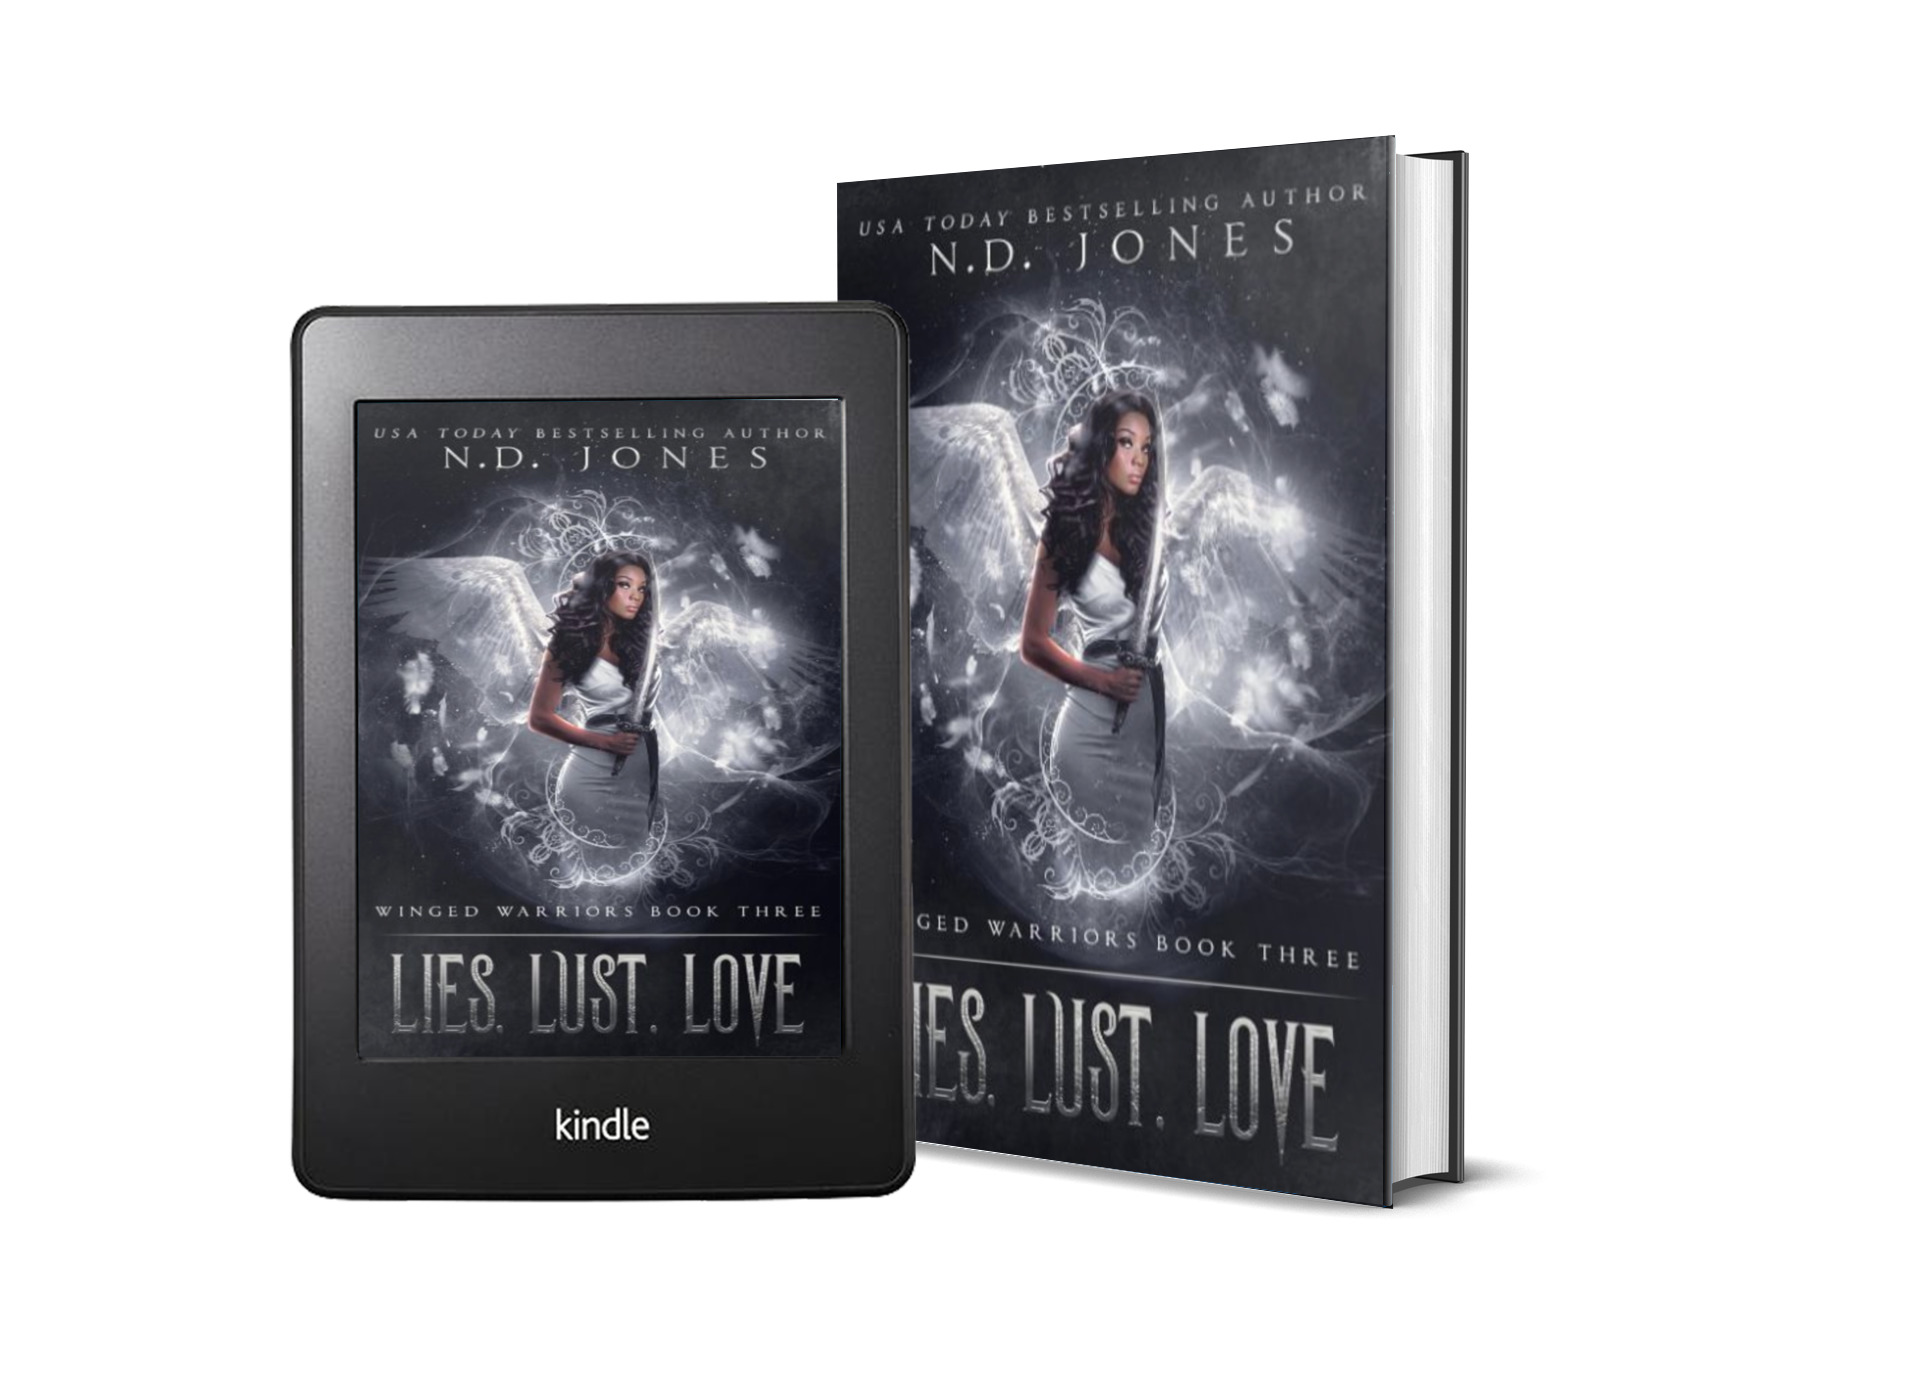 Lies Lust Love African American Angel Paranormal Romance by African American Romance Author ND Jones